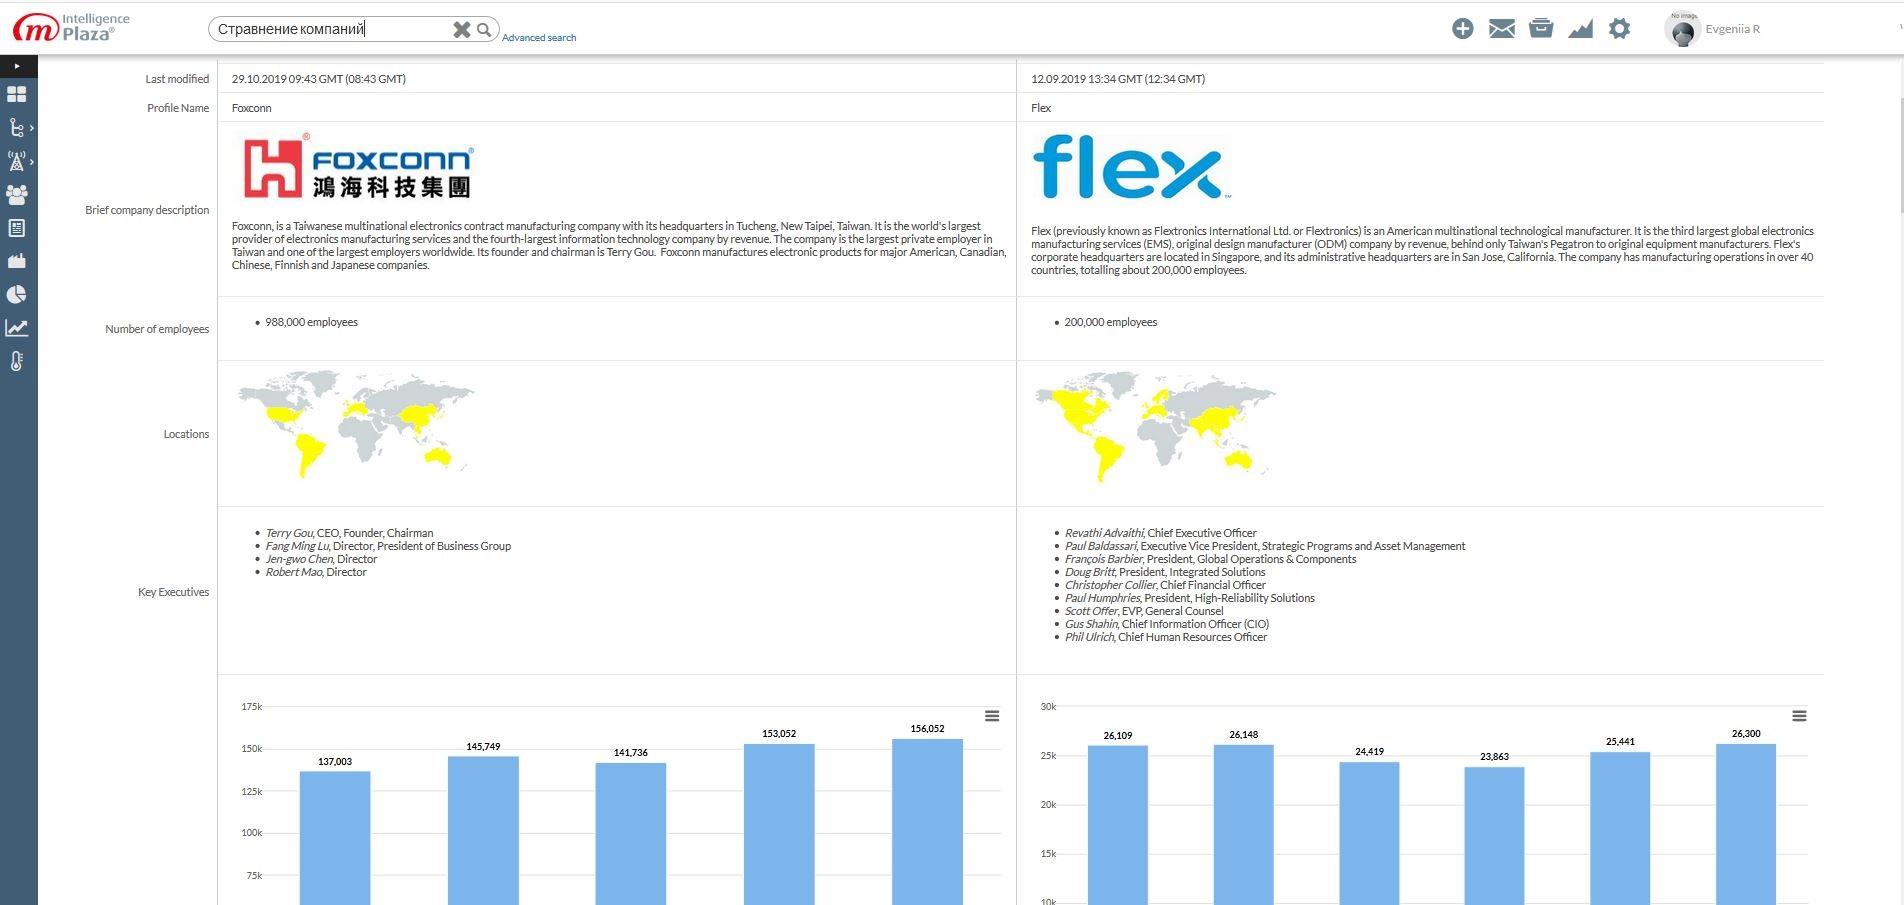 Сравнение конкурентов и бенчмаркинг в программной платформе анализа данных M-Brain Intelligence Plaza